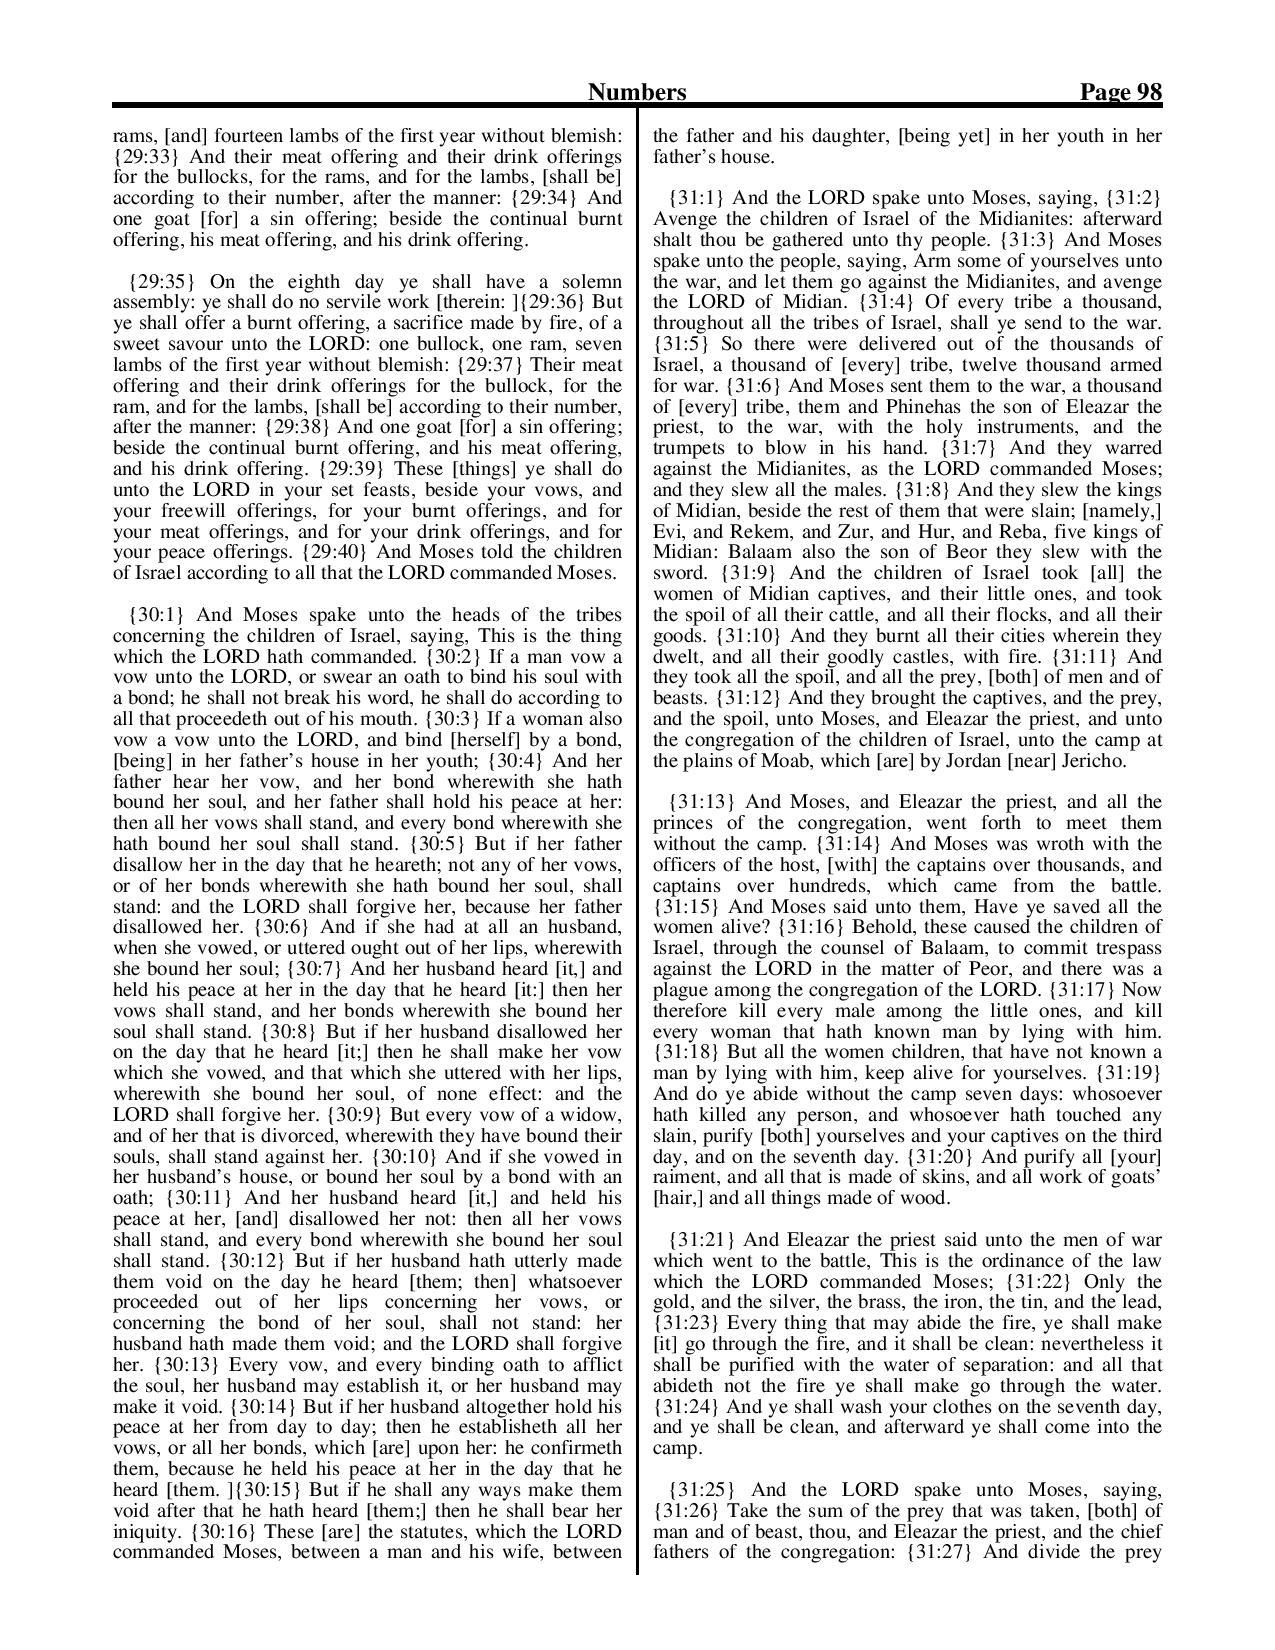 King-James-Bible-KJV-Bible-PDF-page-119